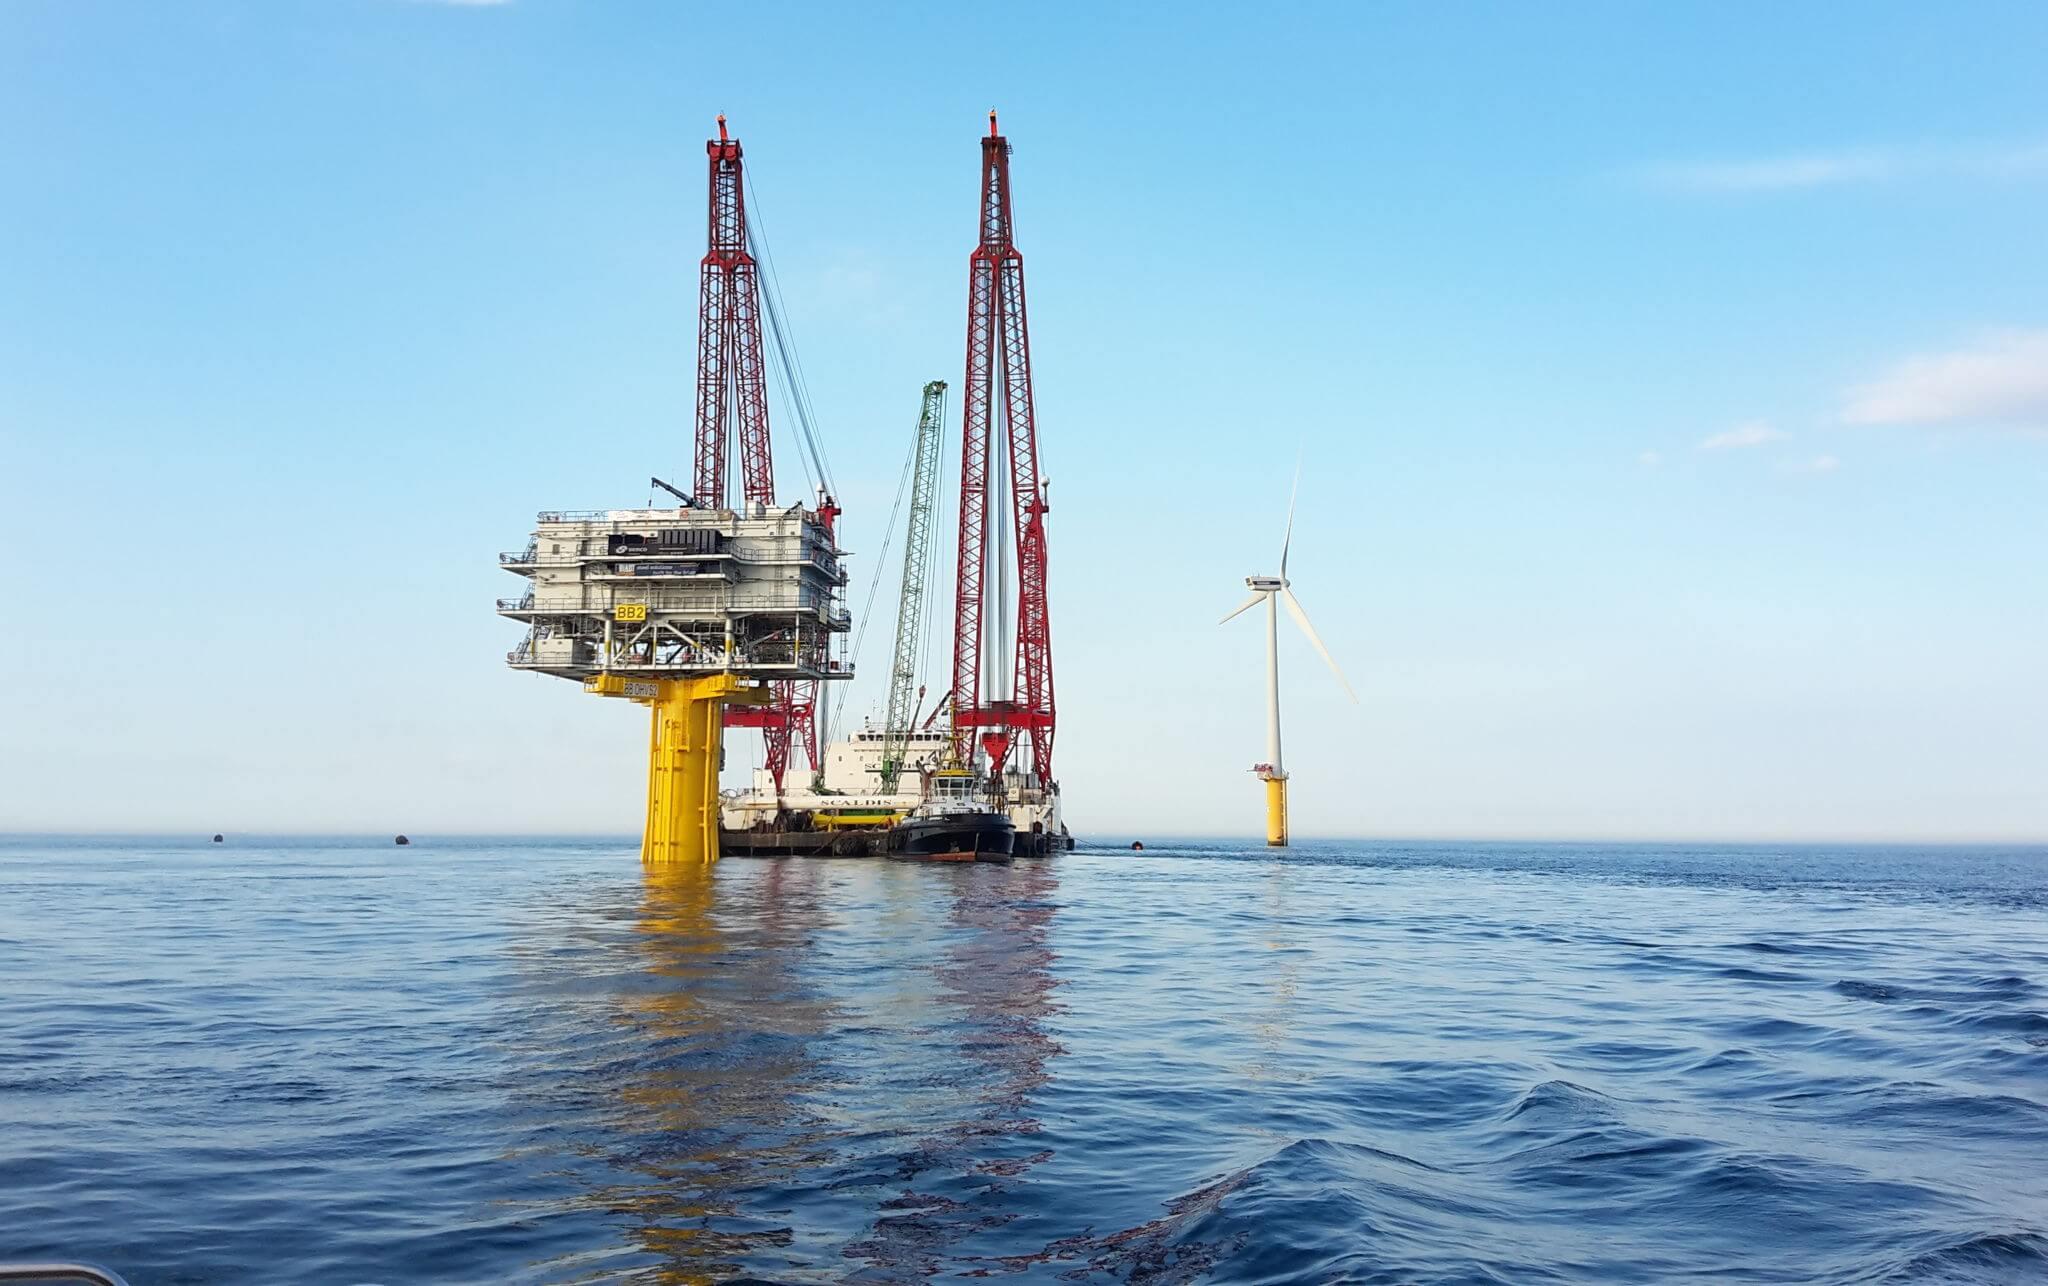 Ein Kranschiff errichtet neue Offshore-Windkraftanlagen